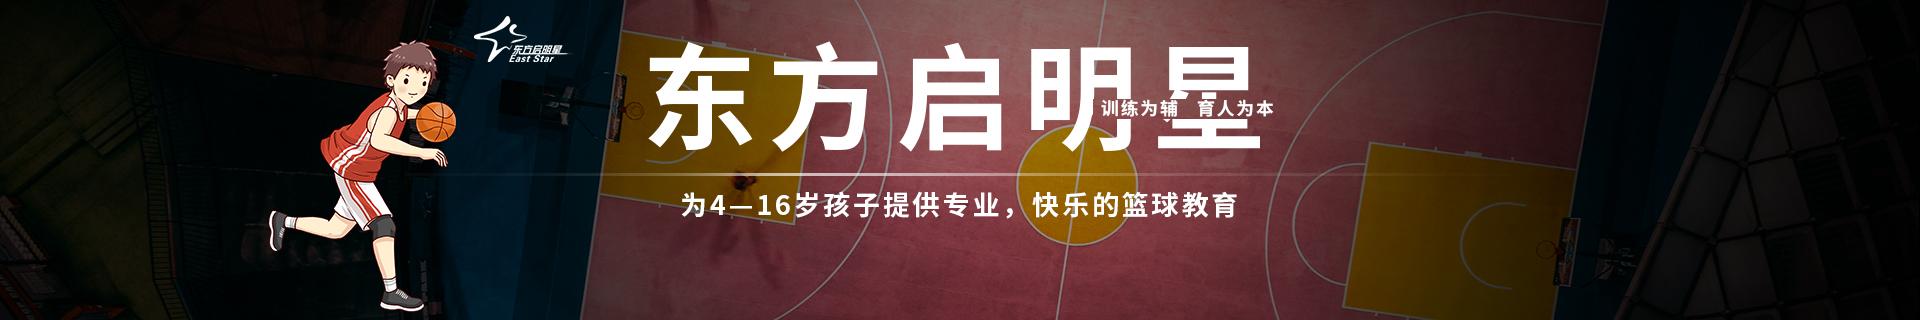 长沙开福区东方启明星芙蓉北迪卡侬校区